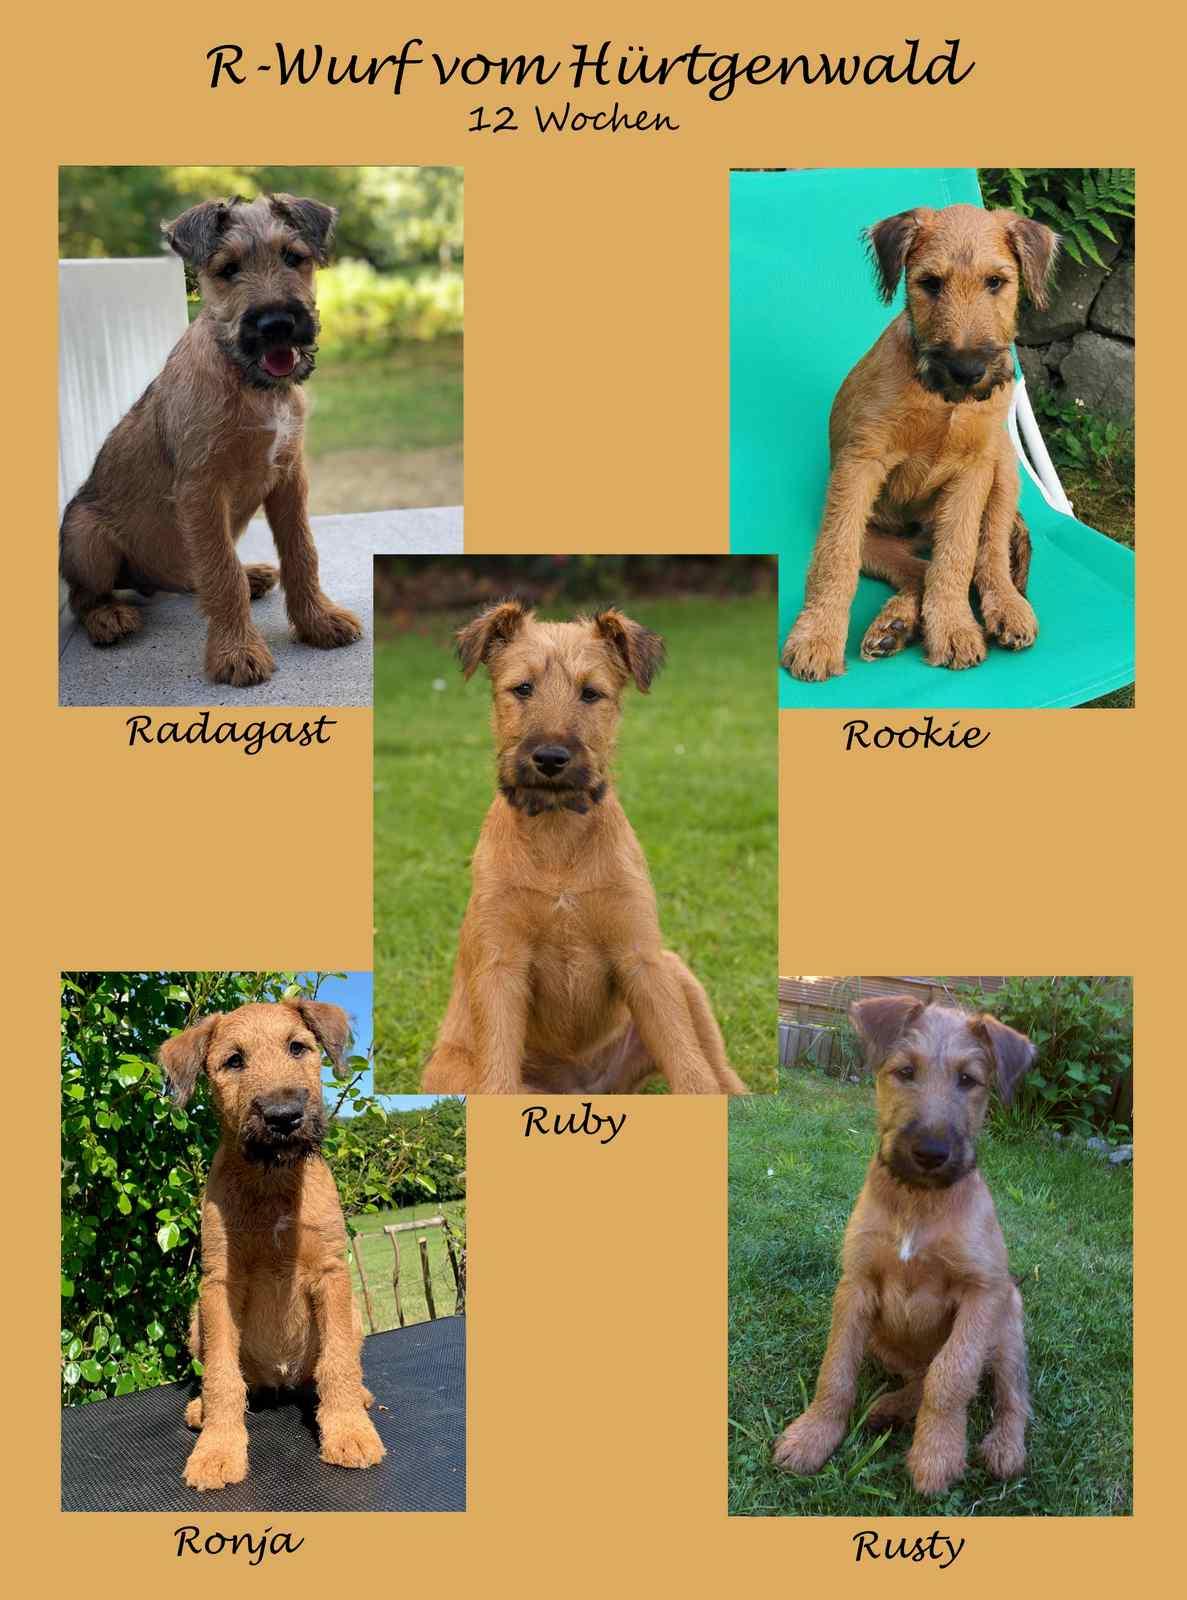 R-Wurf Irish Terrier Welpen 12 Wochen